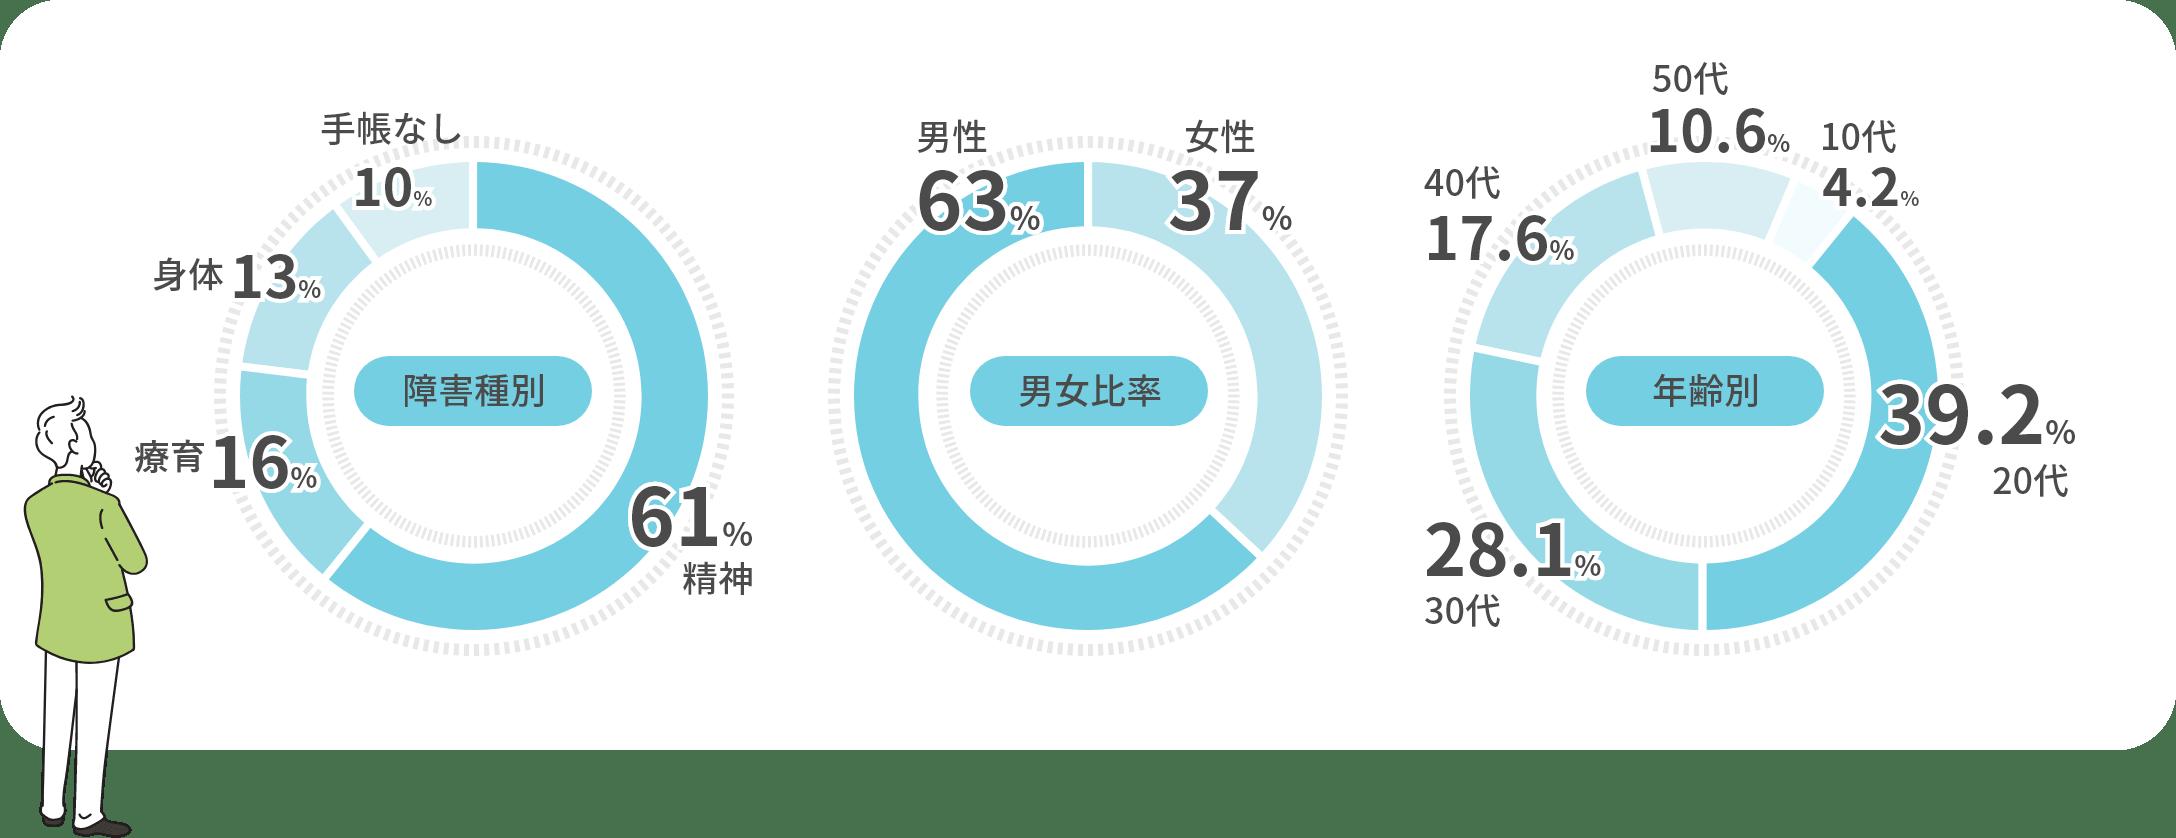 障害種別、男女比率、年齢別のグラフ